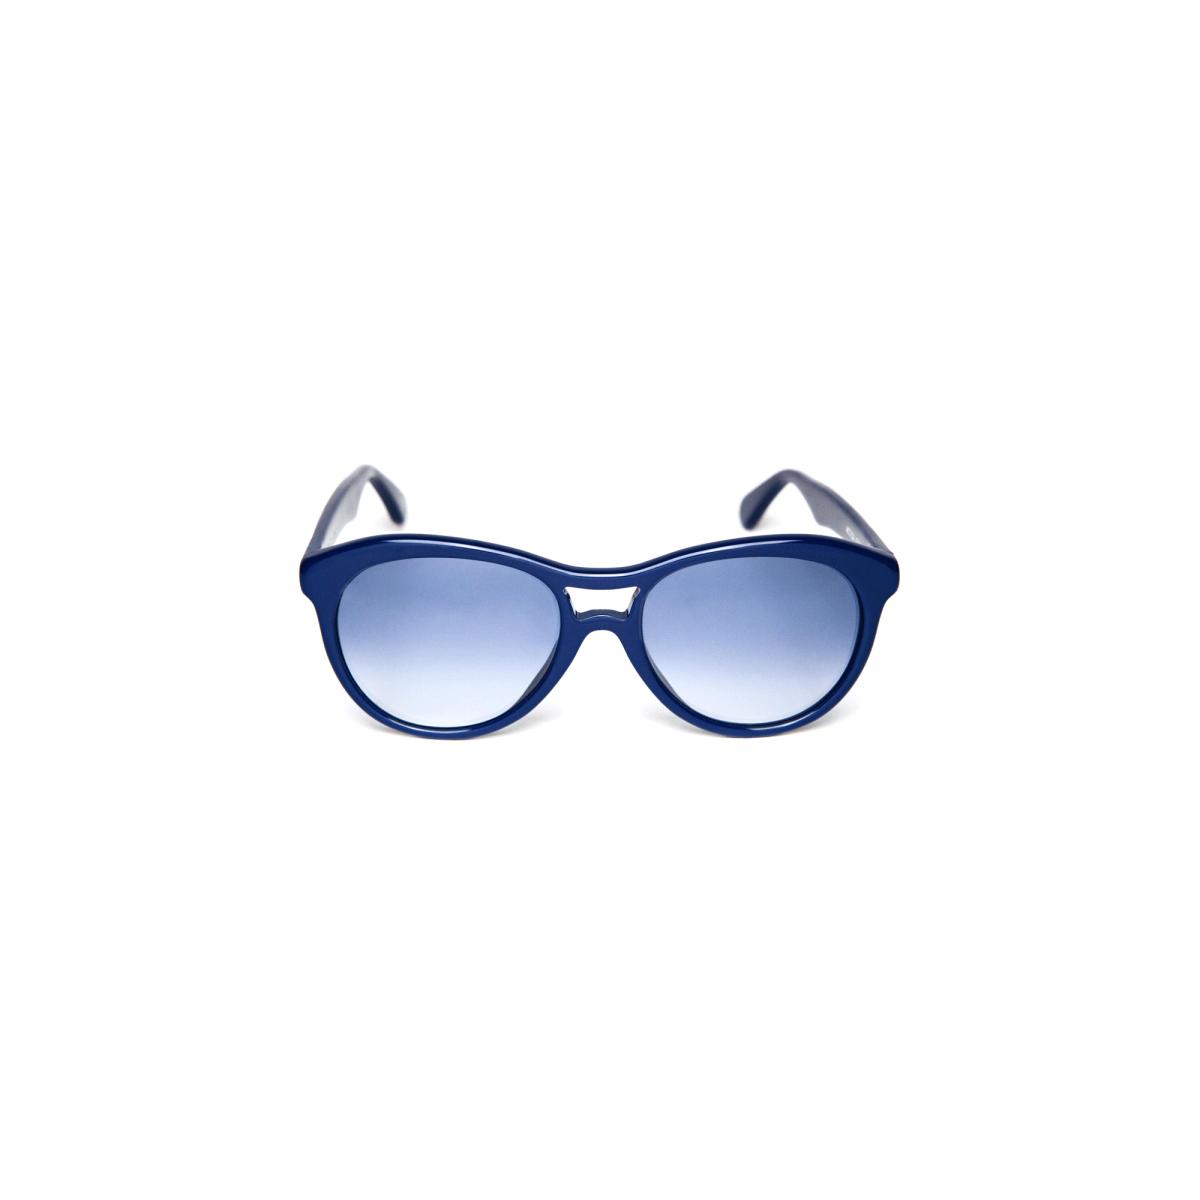 occhiali da sole inspire